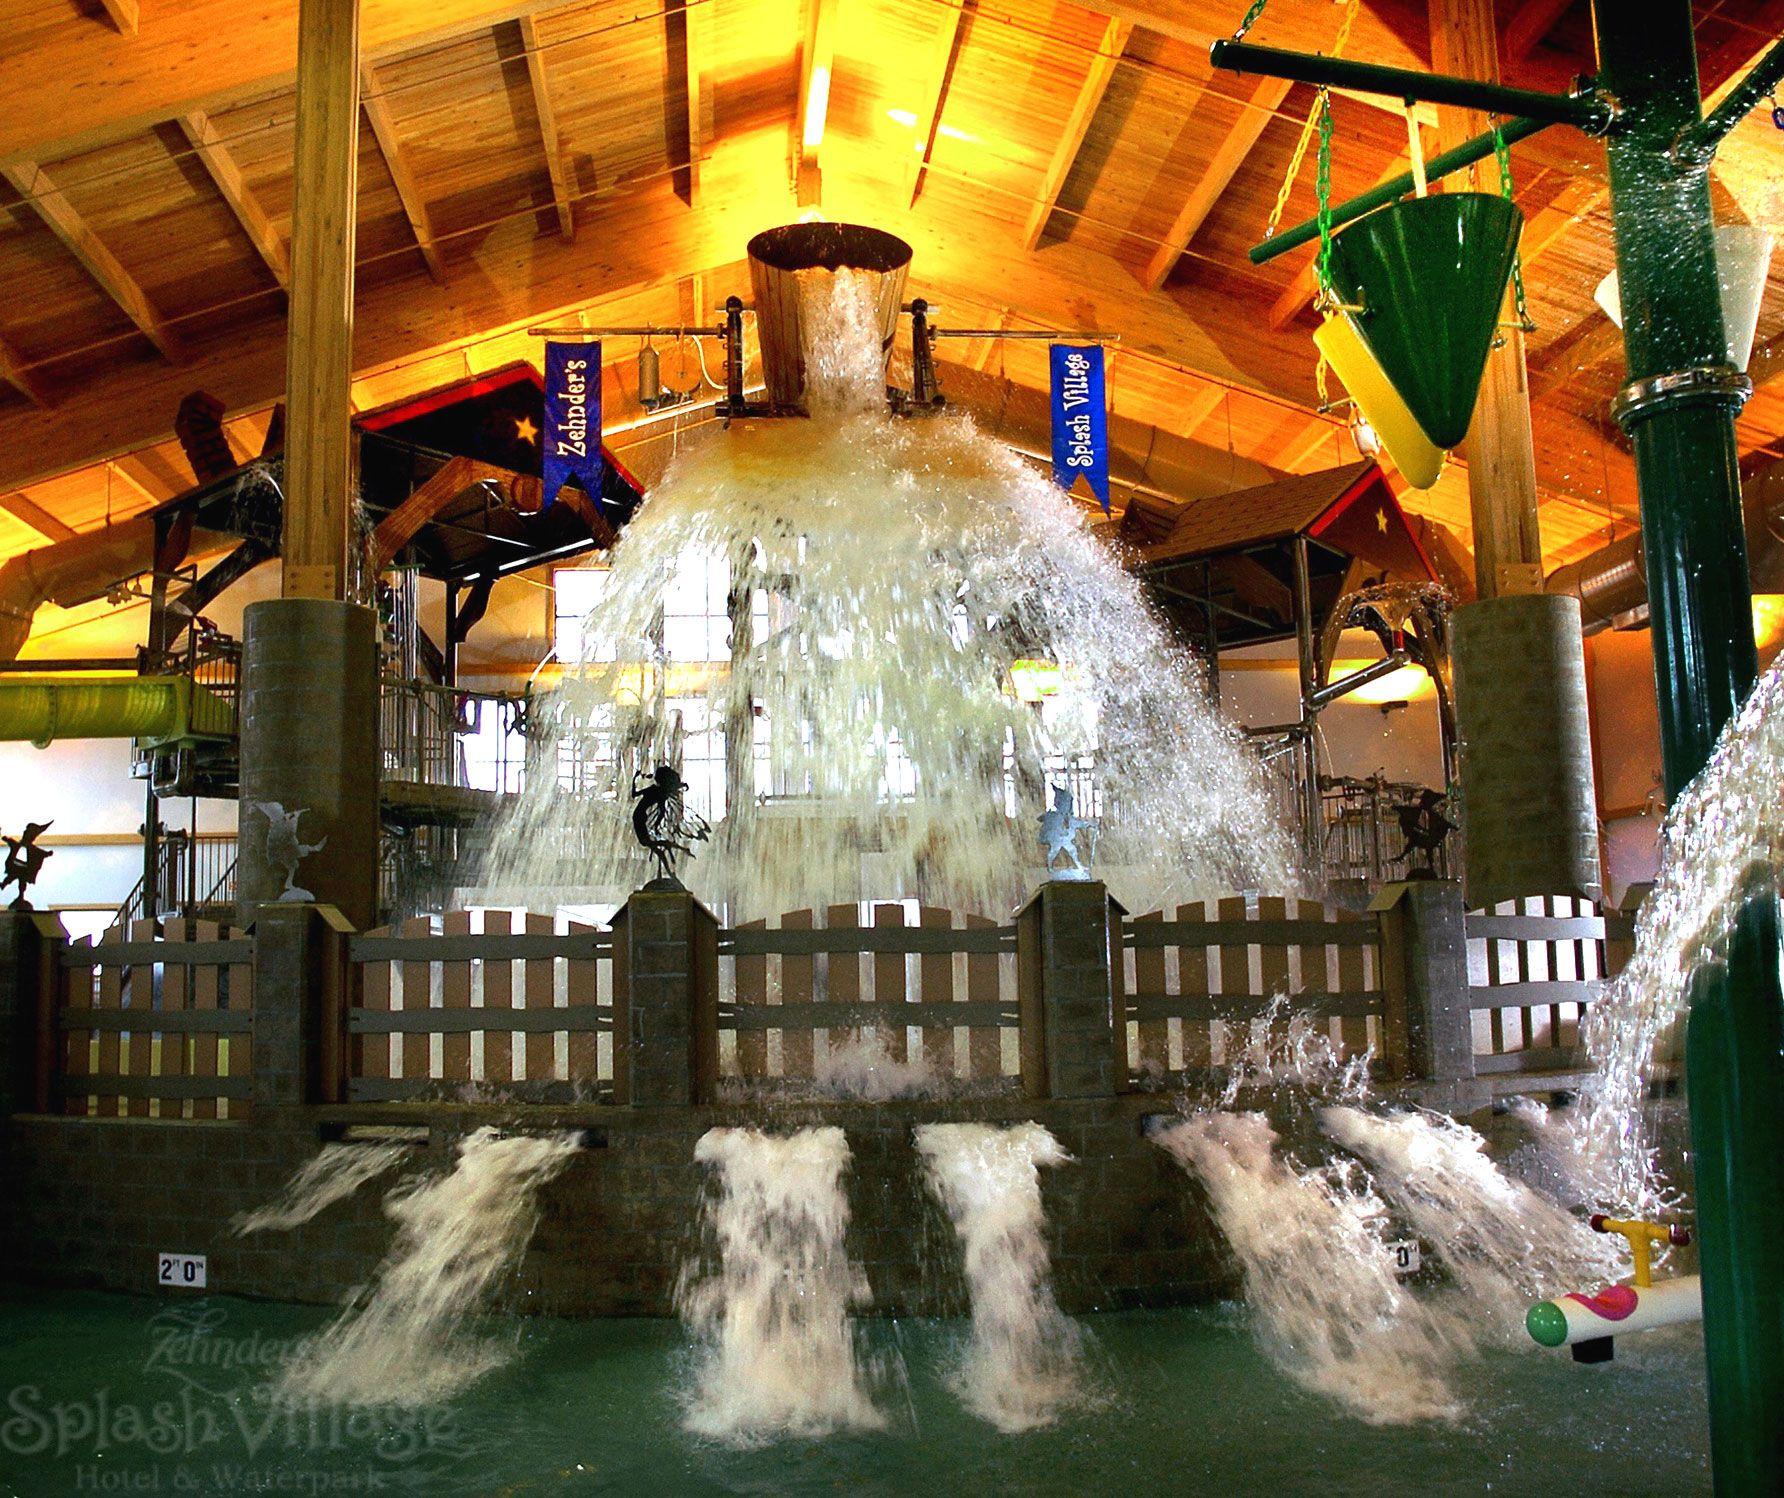 Michigan's Zehnder's Splash Village Hotel and Indoor